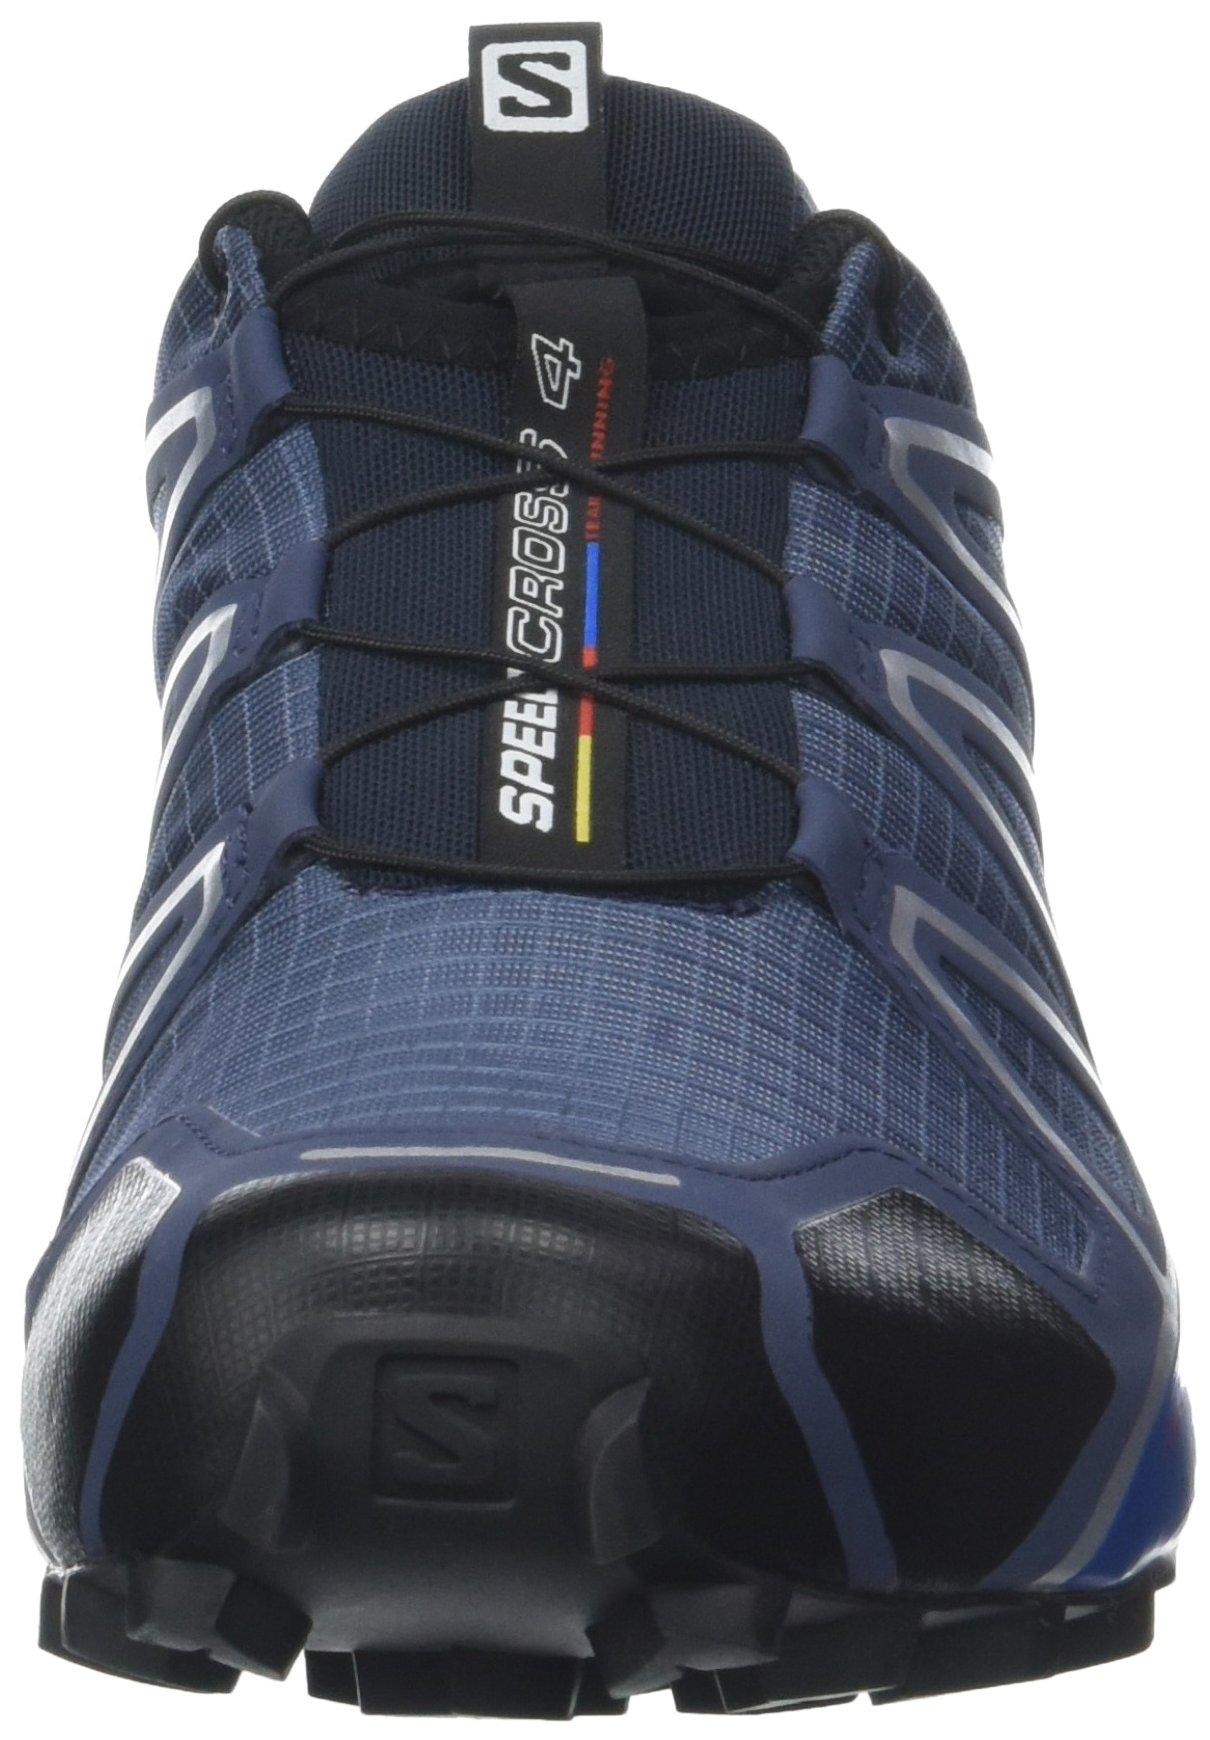 Salomon Men's Speedcross 4 Trail Runner, Slate Black/Blue Yonder, 7 D US by Salomon (Image #4)